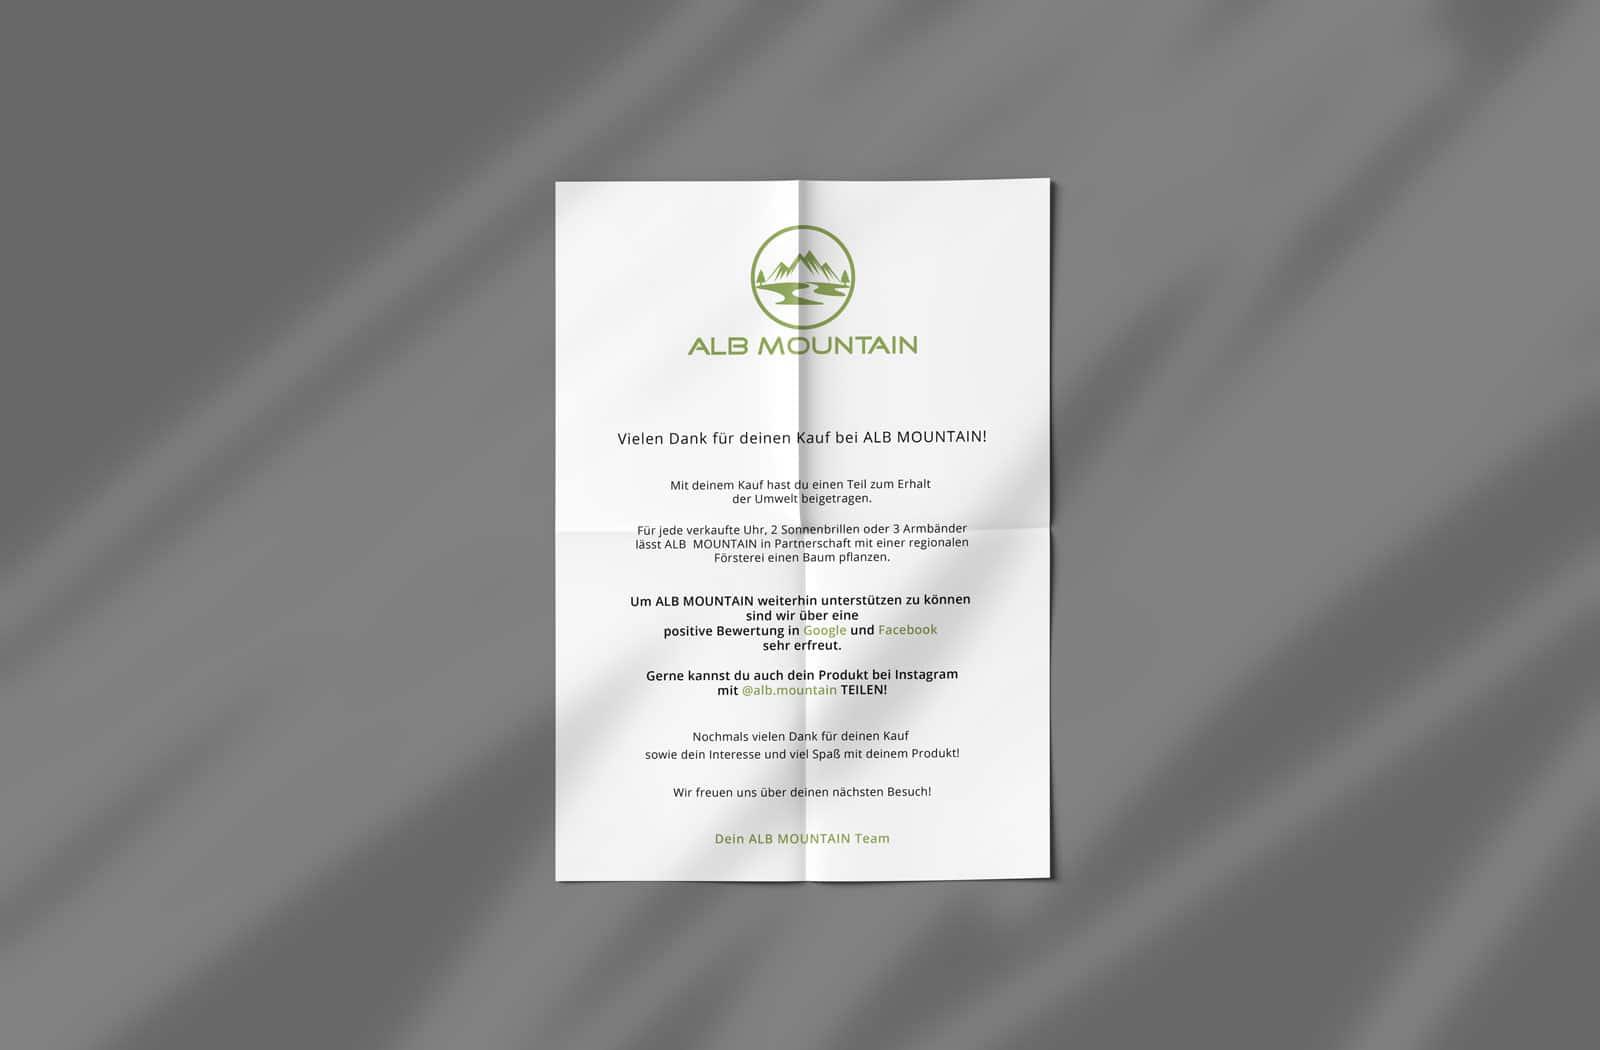 agentur-liebespixel-grafik-alb-mountain-A4-Briefpapier